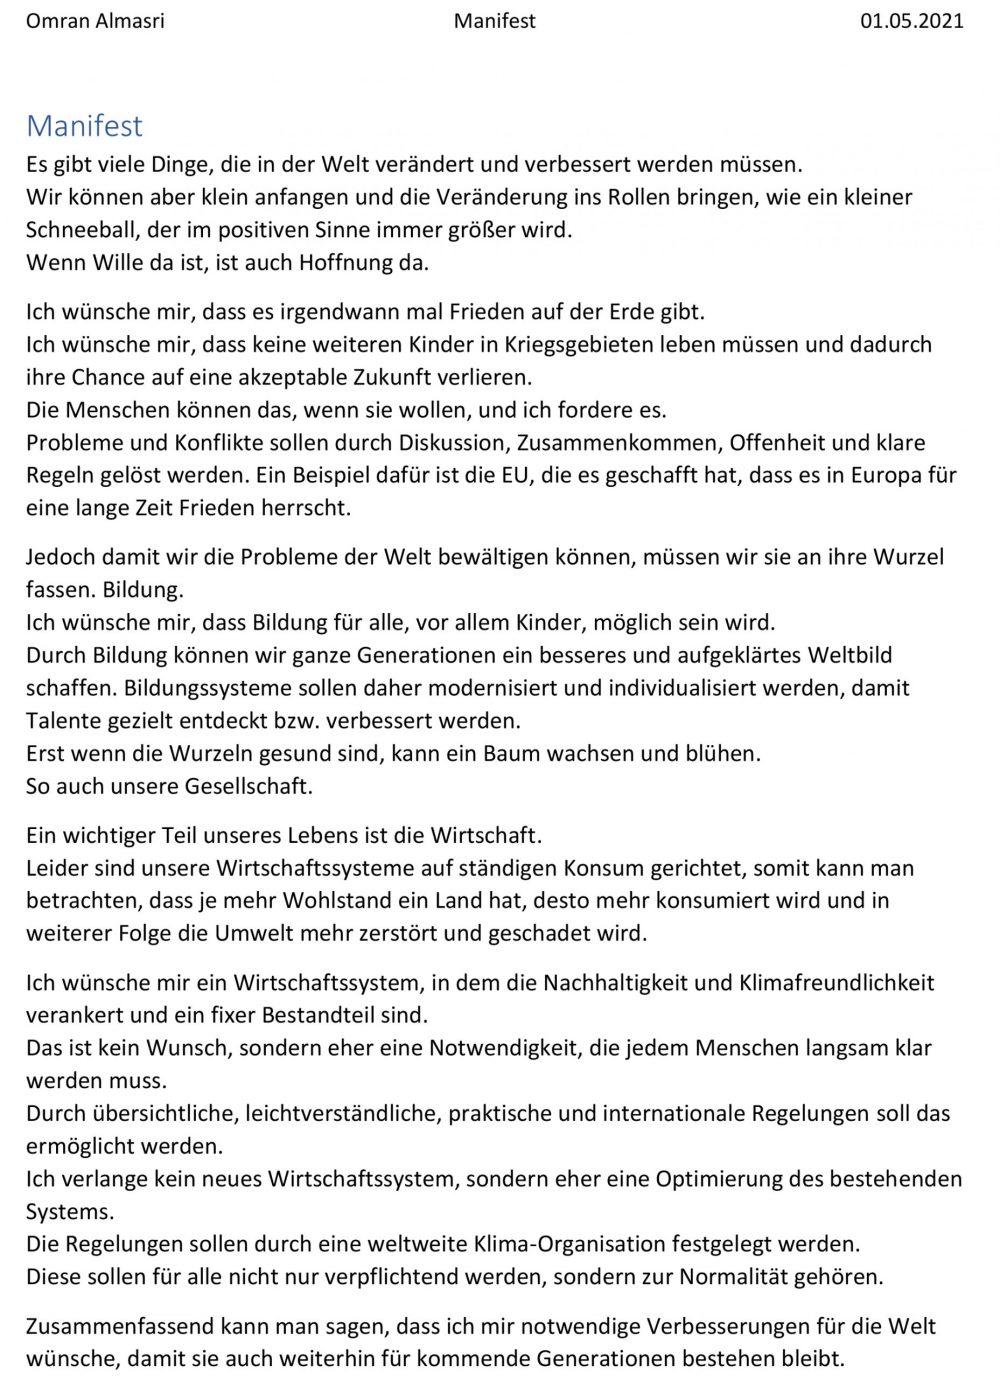 Manifest von Omran Almasri